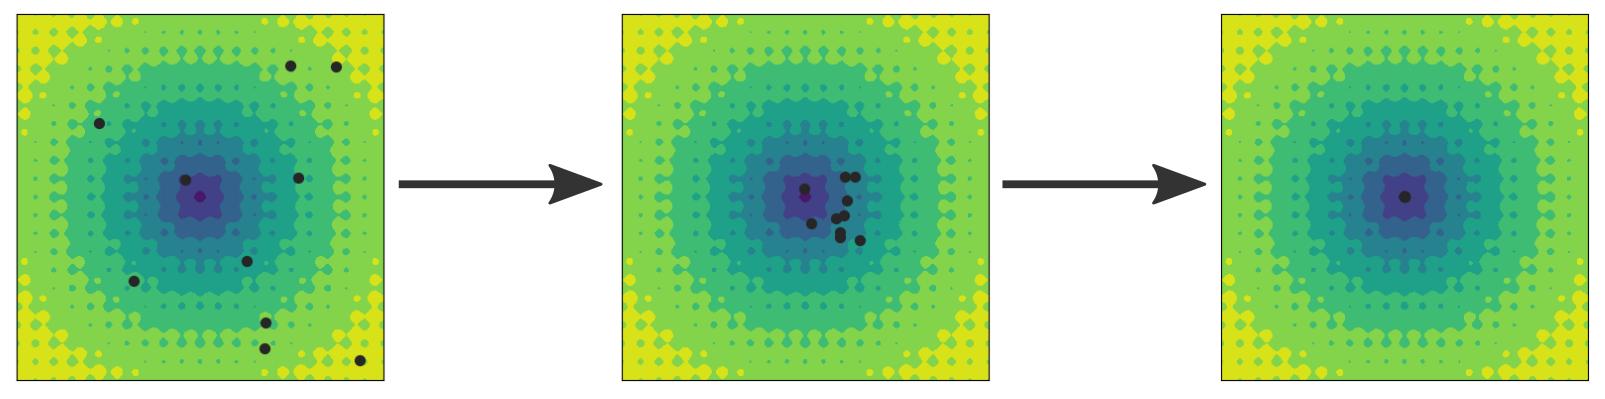 Particle Swarm Optimization — PyRETIS